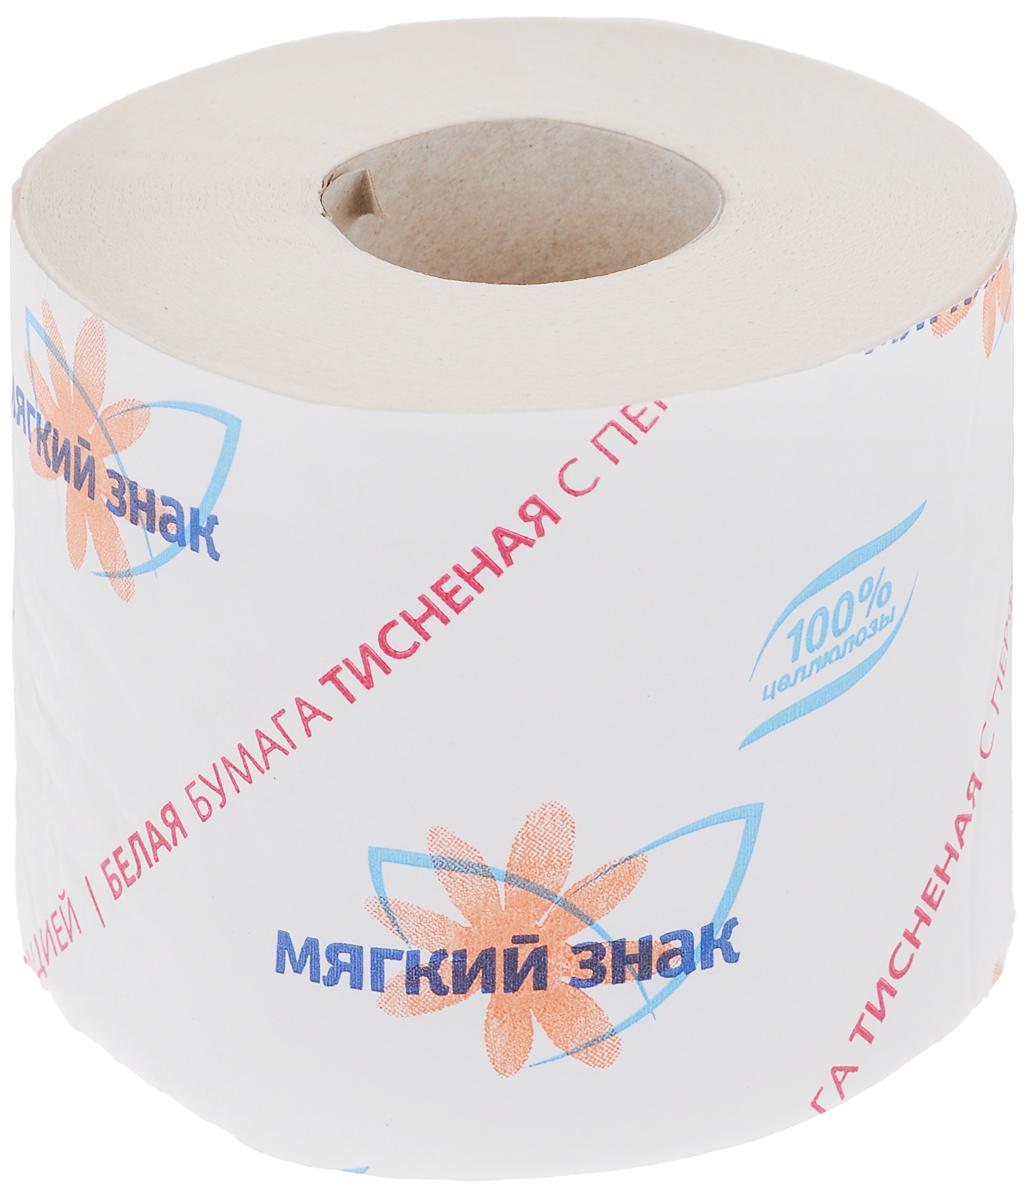 Бумага туалетная Мягкий знак, однослойная, цвет: белый, 52,5 мP7.2 NТуалетная бумага Мягкий знак изготовлена из целлюлозы белого цвета с тиснением. Однослойная туалетная бумага мягкая, нежная, но в тоже время прочная, с отрывом по линии перфорации. Состав: 100% целлюлоза. Количество слоев: 1.Размер листа: 12,5 см х 9 см.Длина рулона: 52,5 ± 2,6 м.